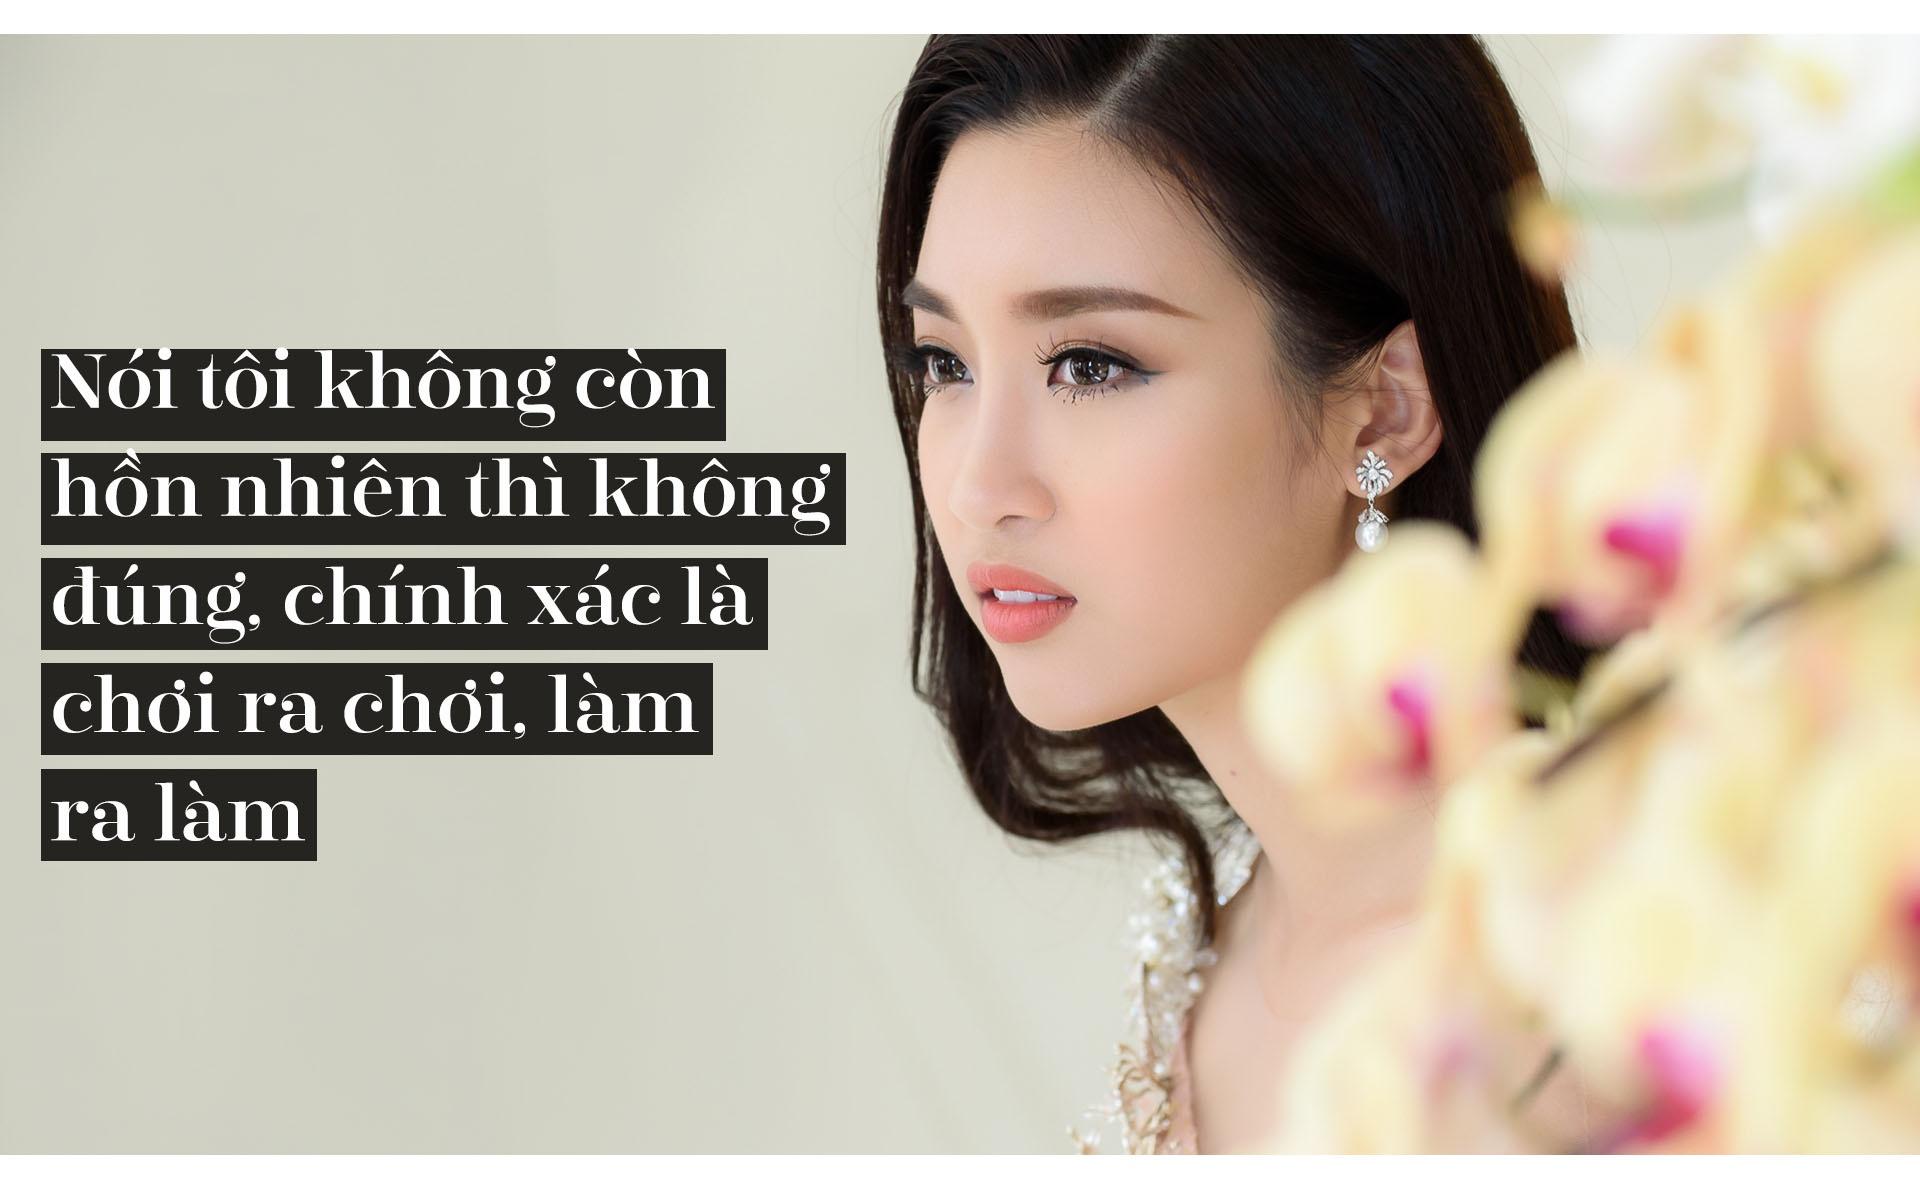 Hoa hau Do My Linh: 'Khong can dan ong giau, chi can truong thanh' hinh anh 5